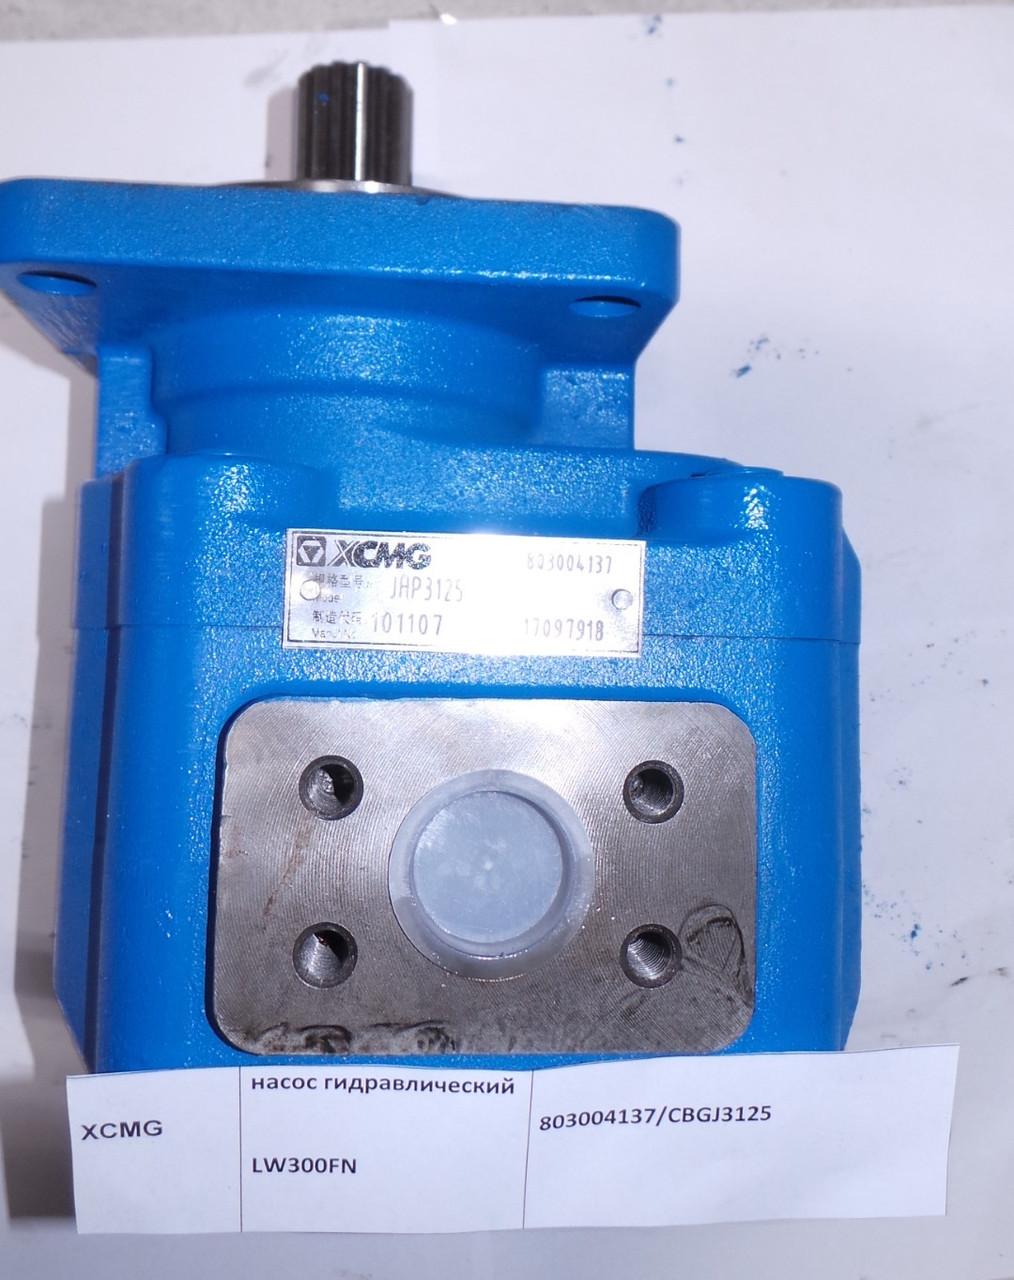 Гидравлический насос 5006087/803004137